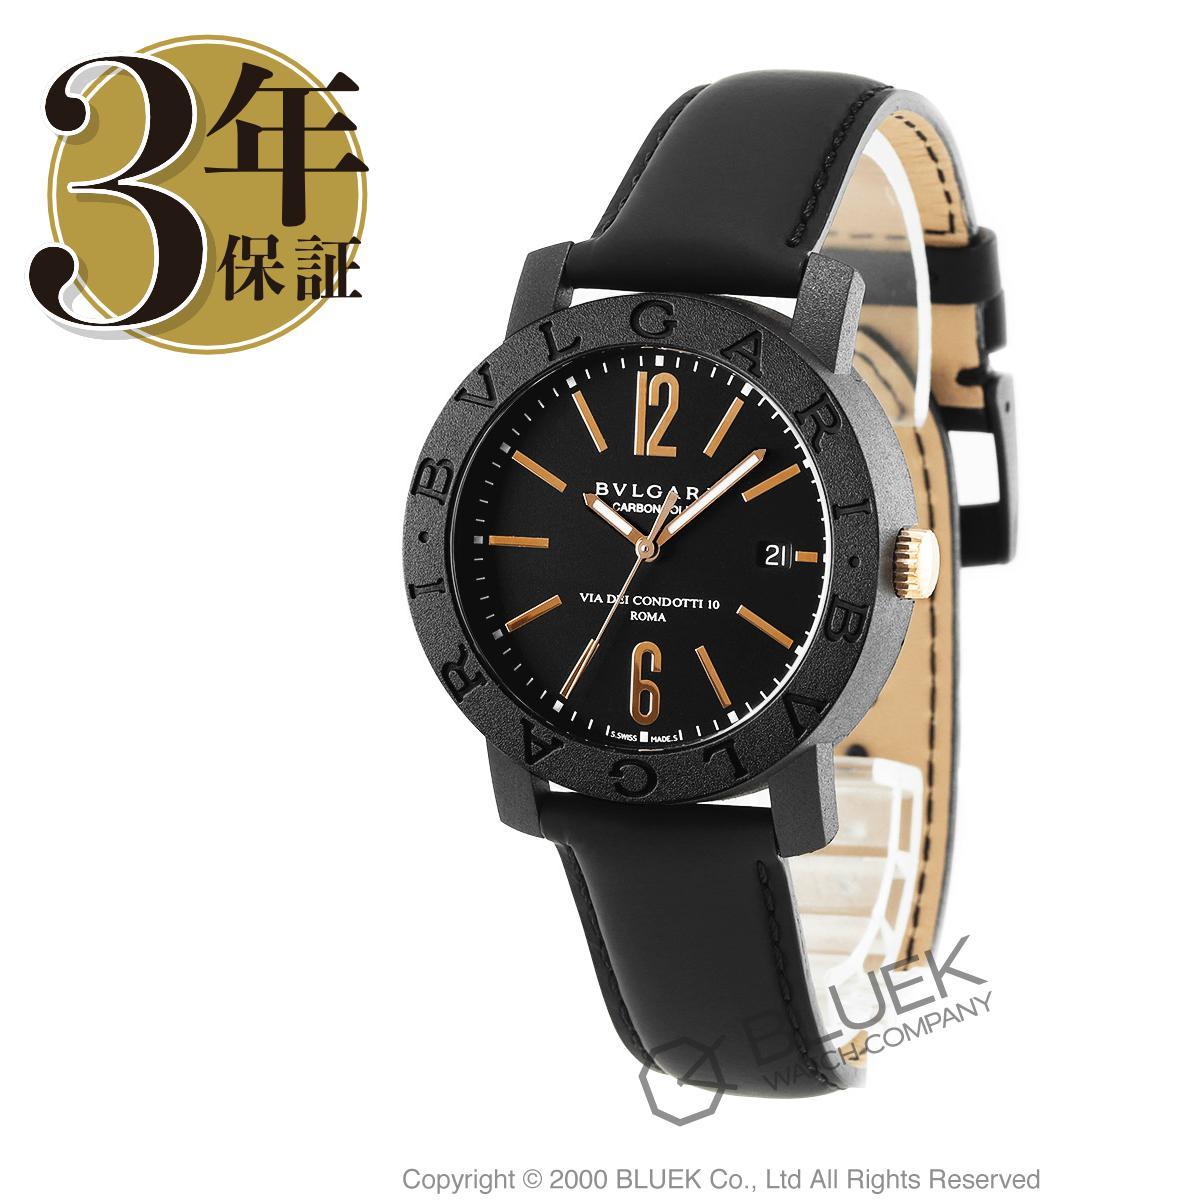 ブルガリ ブルガリブルガリ 腕時計 メンズ BVLGARI BBP40BCGLD_8